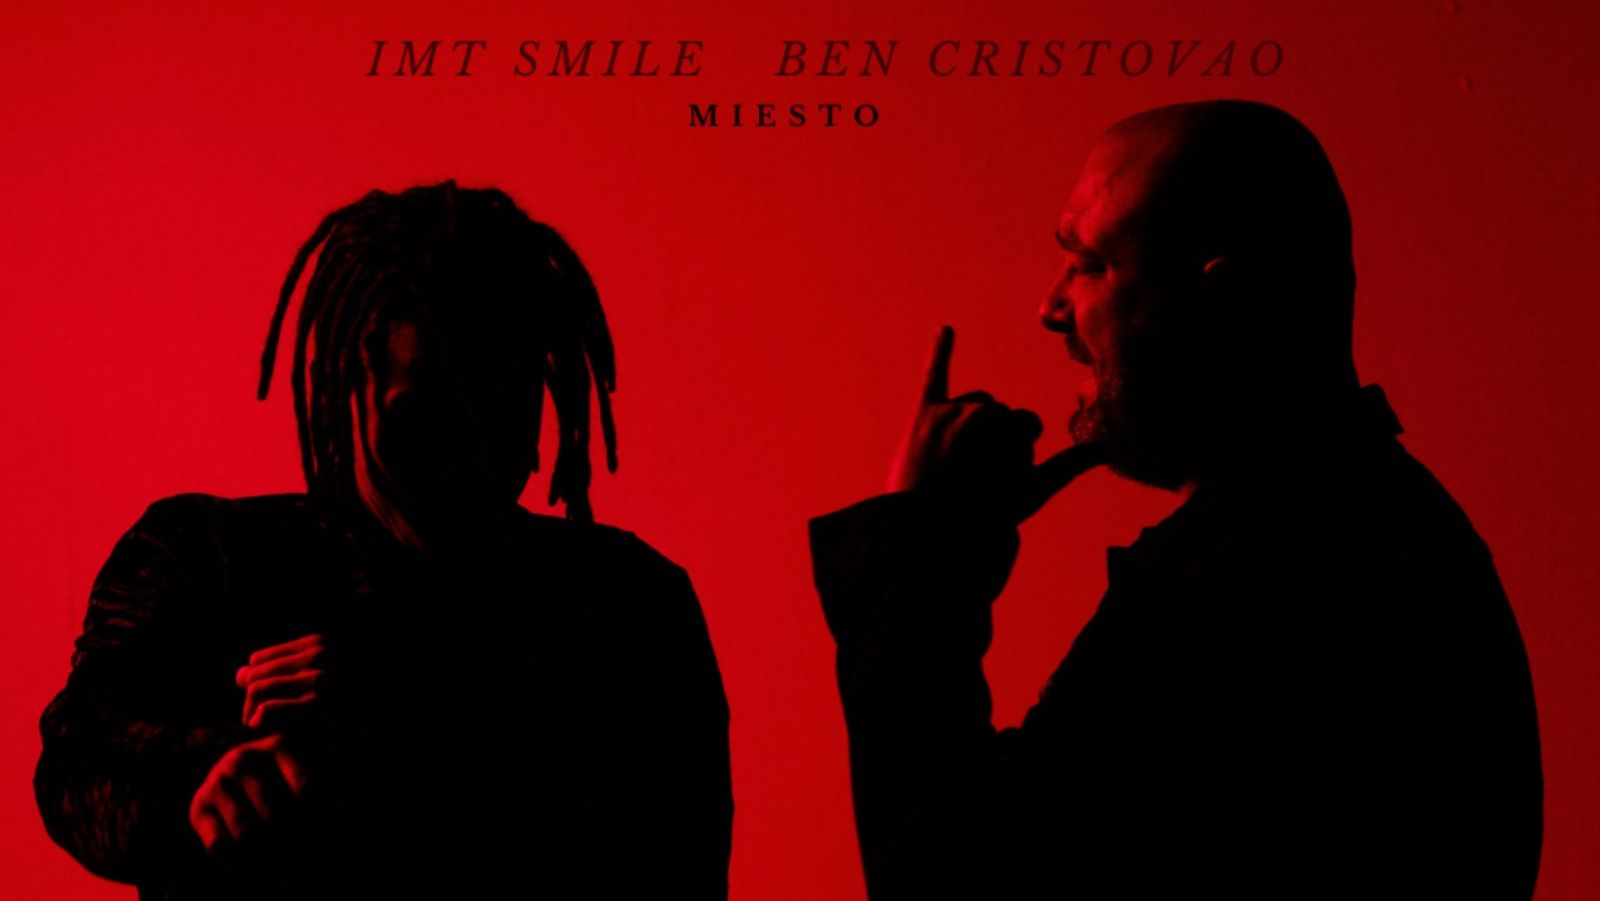 Video: IMT Smile a Ben Cristovao predstavujú novú spoločnú skladbu Miesto